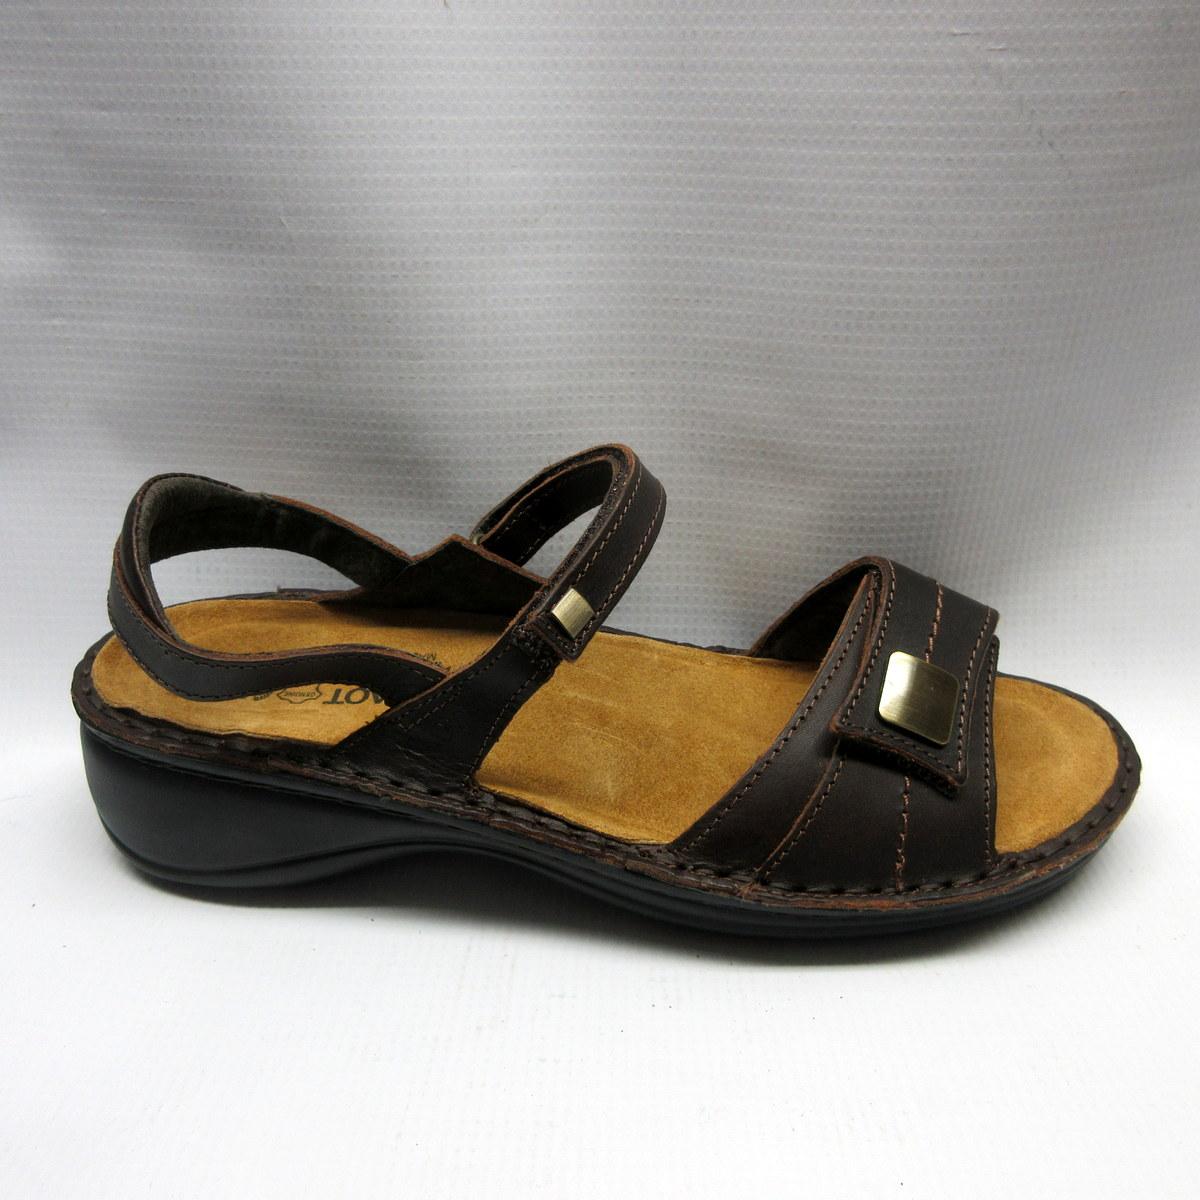 f4aa721b4fad Naot sandals women papaya buffalo JPG 1200x1200 Cabaline naot shoes women